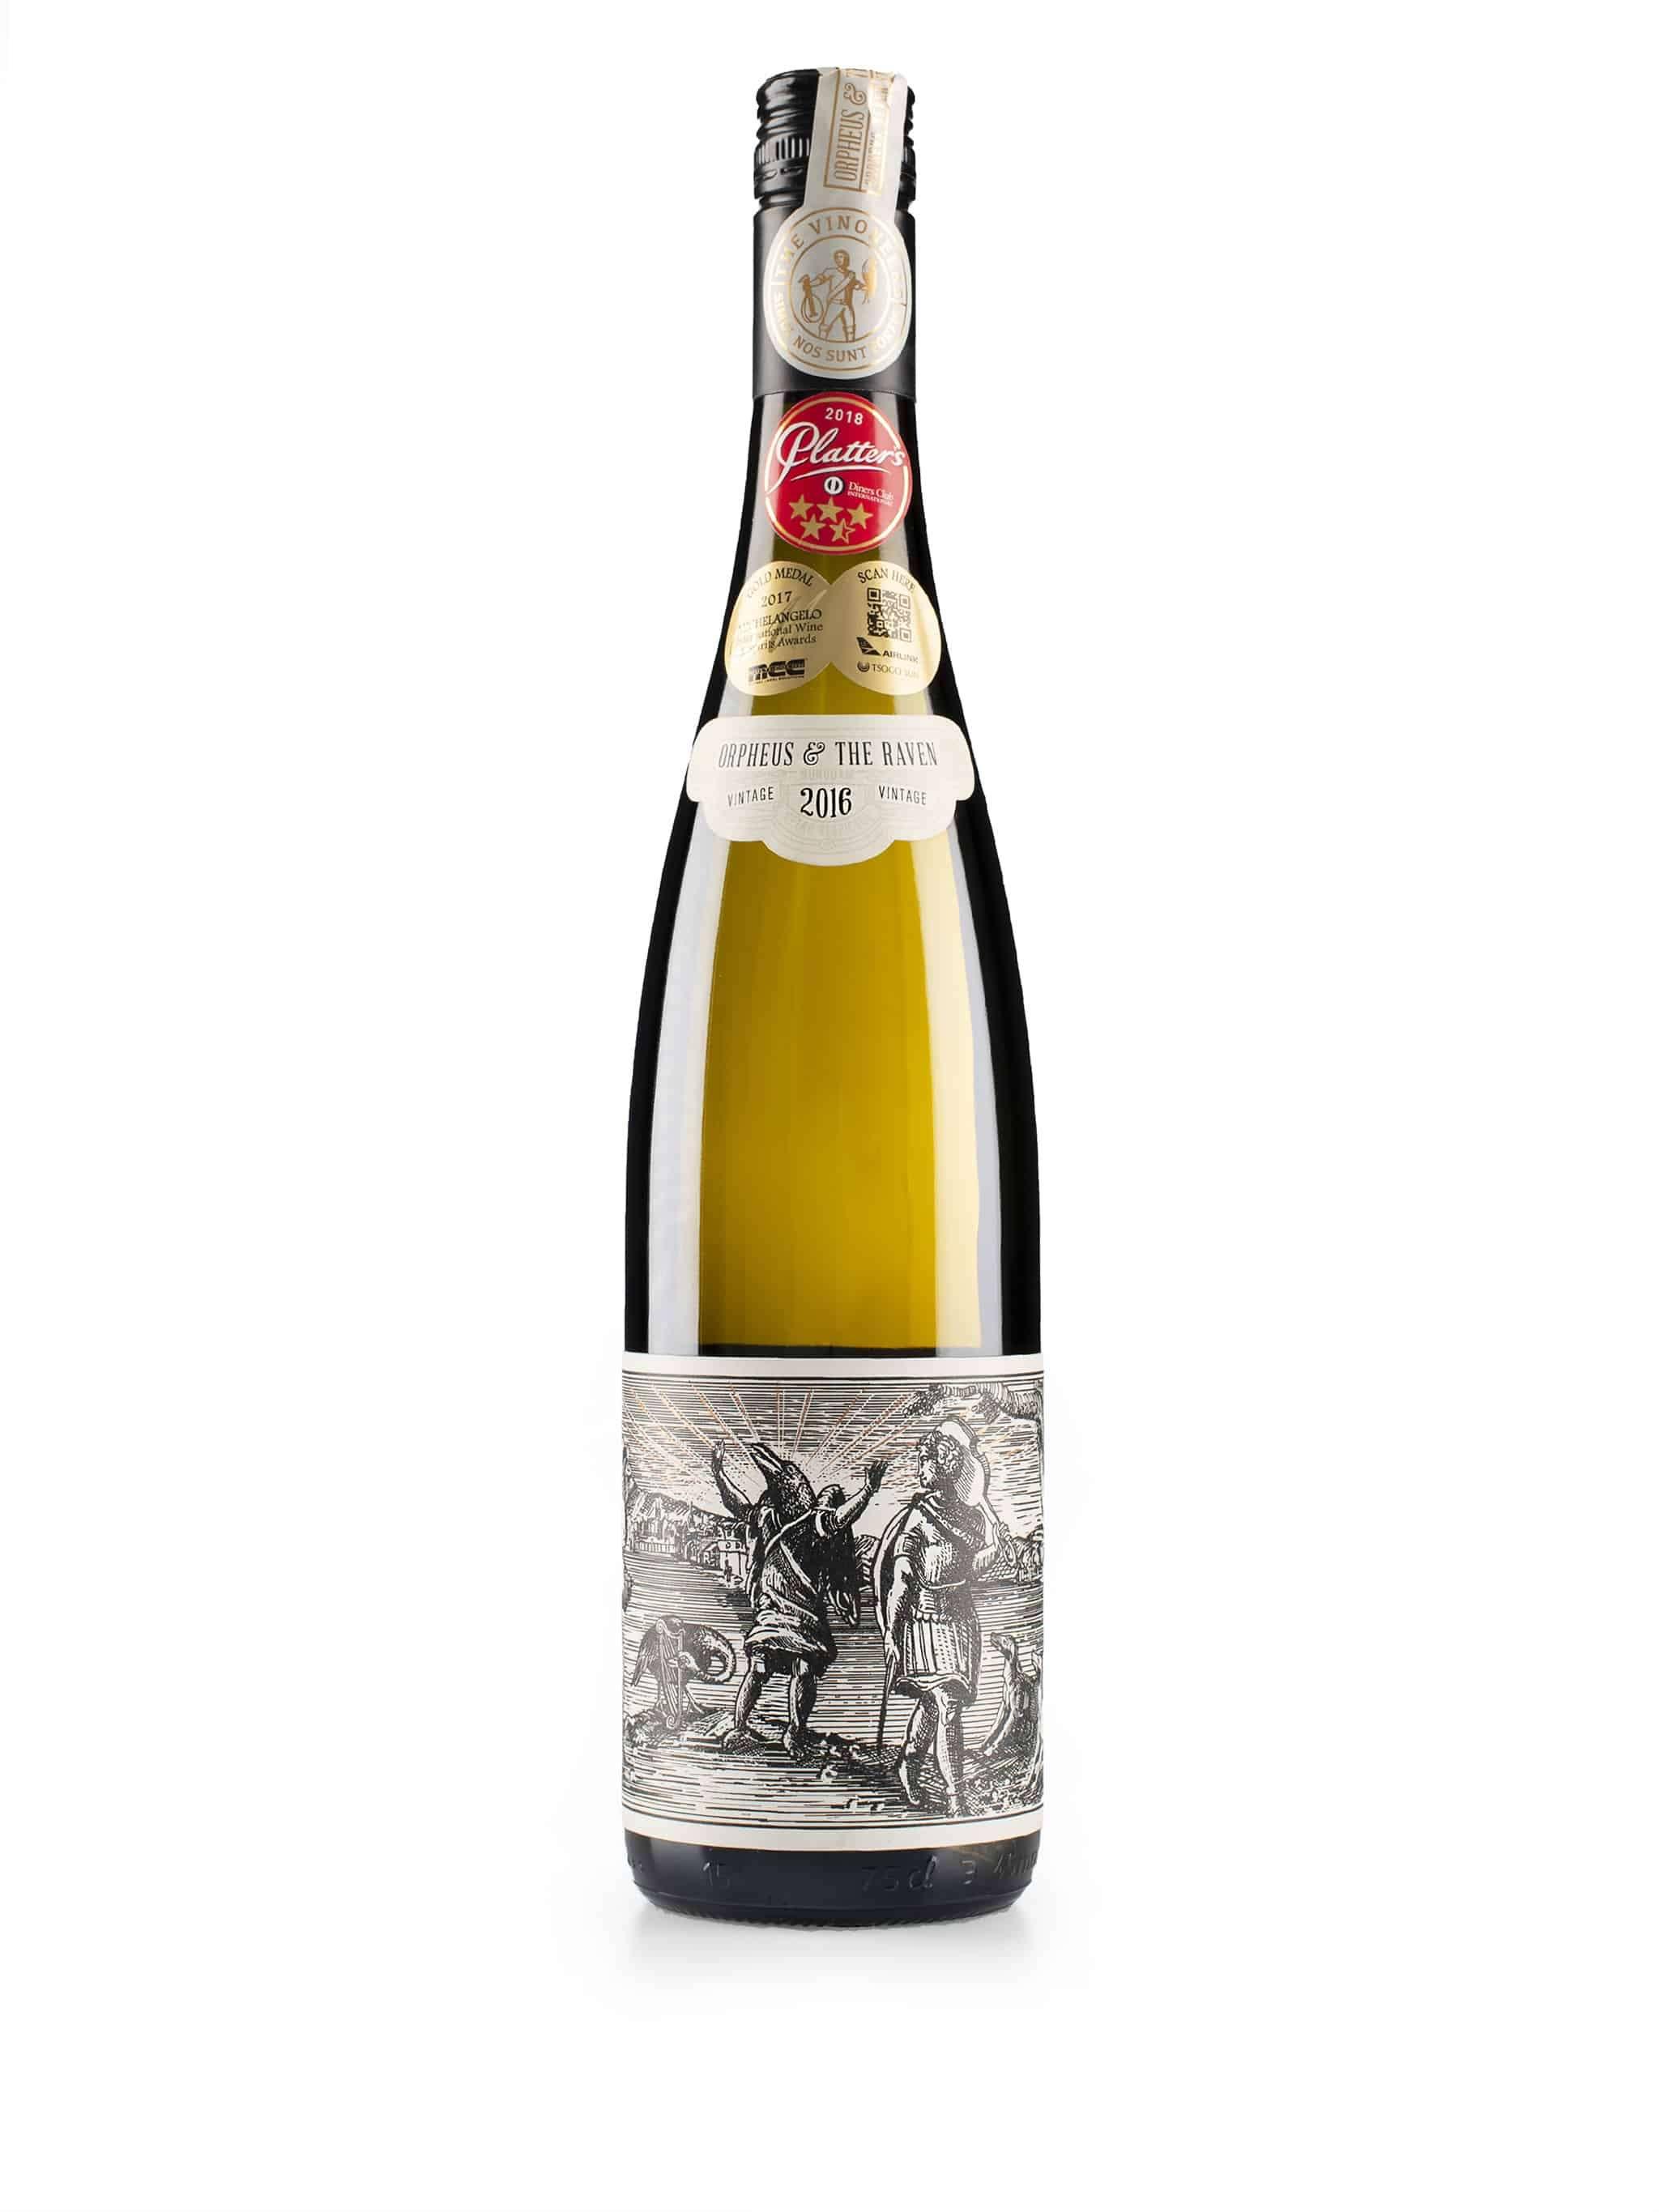 Zuid-Afrikaanse witte wijn van wijndomein Orpheus and The Raven: Gewurztraminer